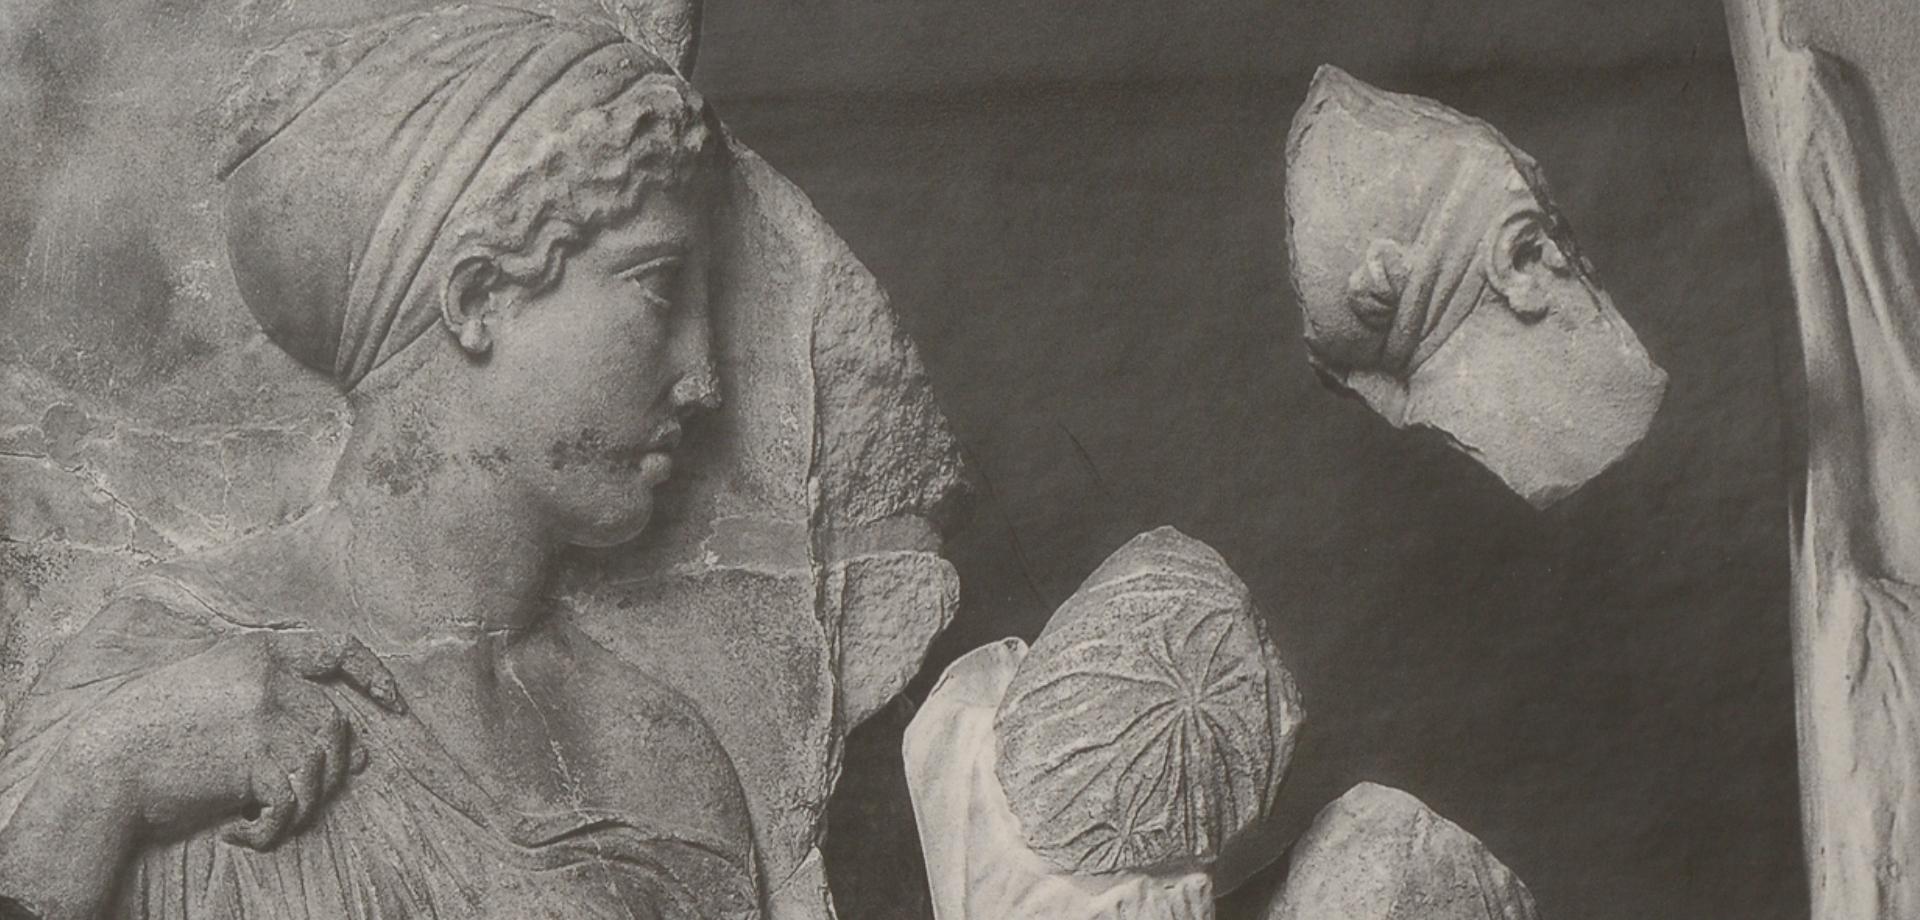 ΣΠΟΝΔΗ Αφιέρωμα στη μνήμη του Γιώργου Δεσπίνη